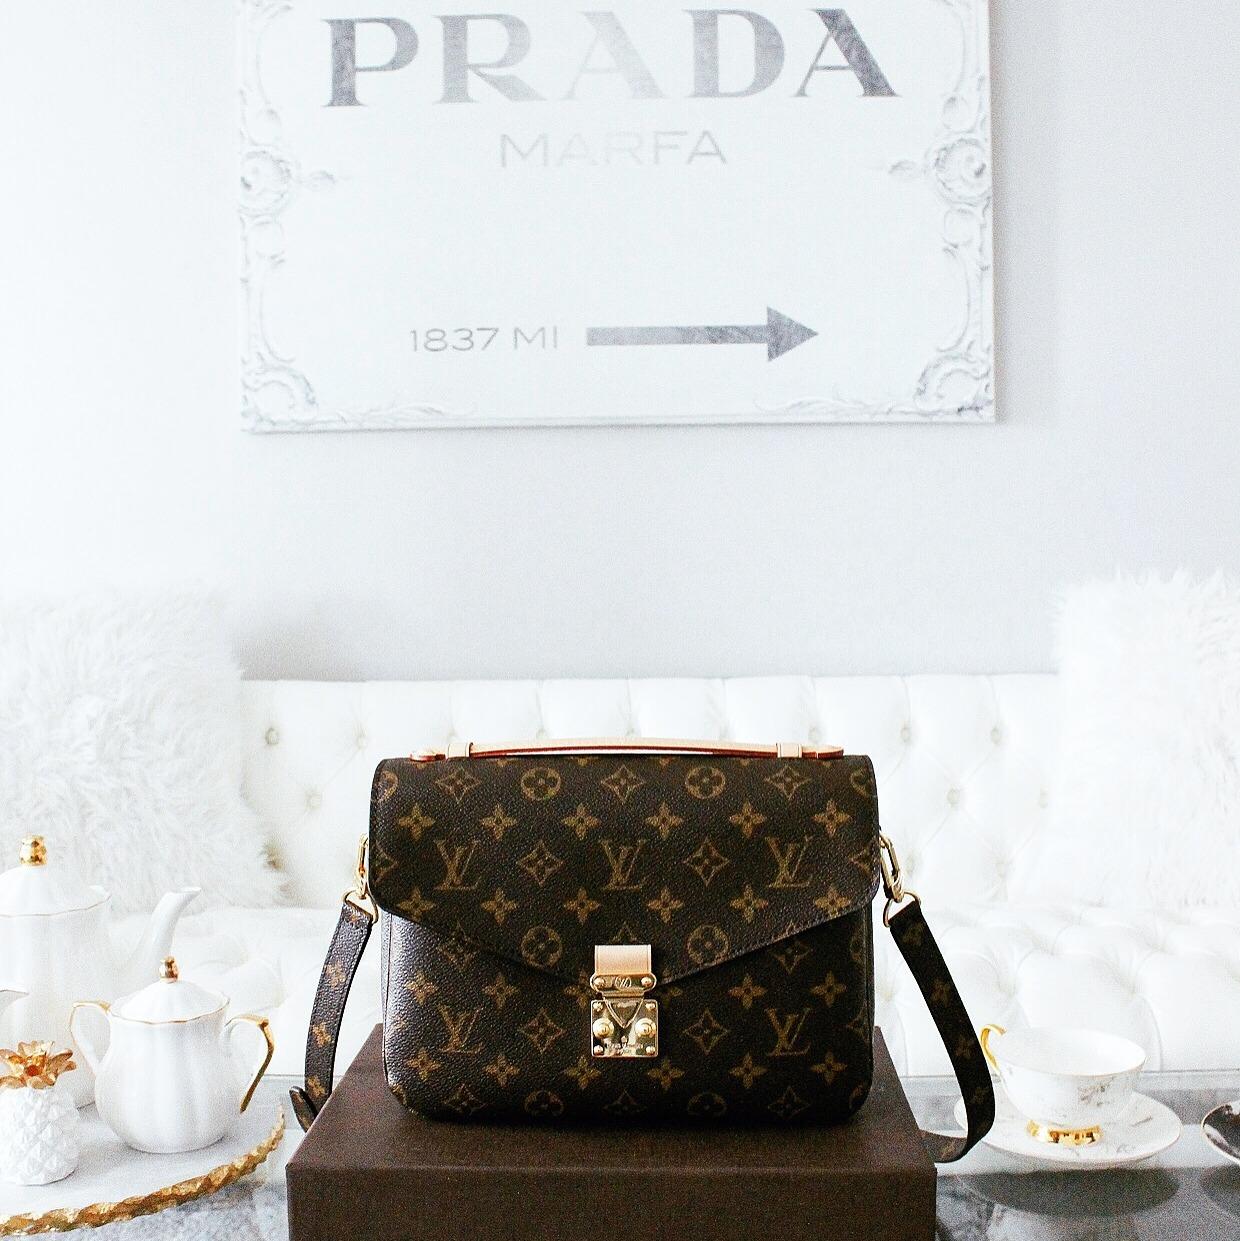 louis-vuitton-pochette-metis-blogger-it-bag-2016-fashiioncarpet